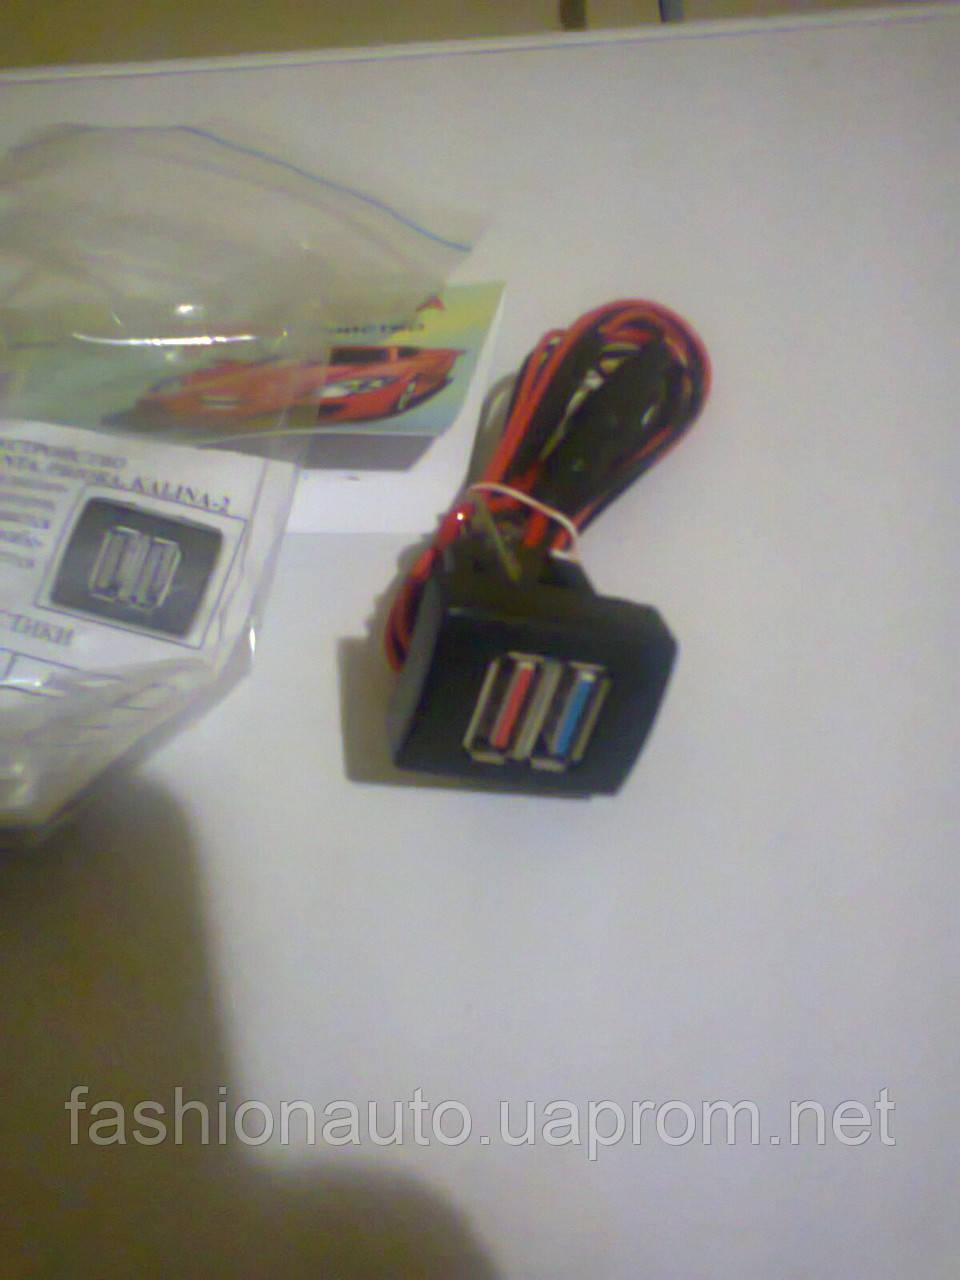 """USB зарядний пристрій 2 port для а-м """"Пріора"""" """"Гранта"""", """"Калина-2"""""""